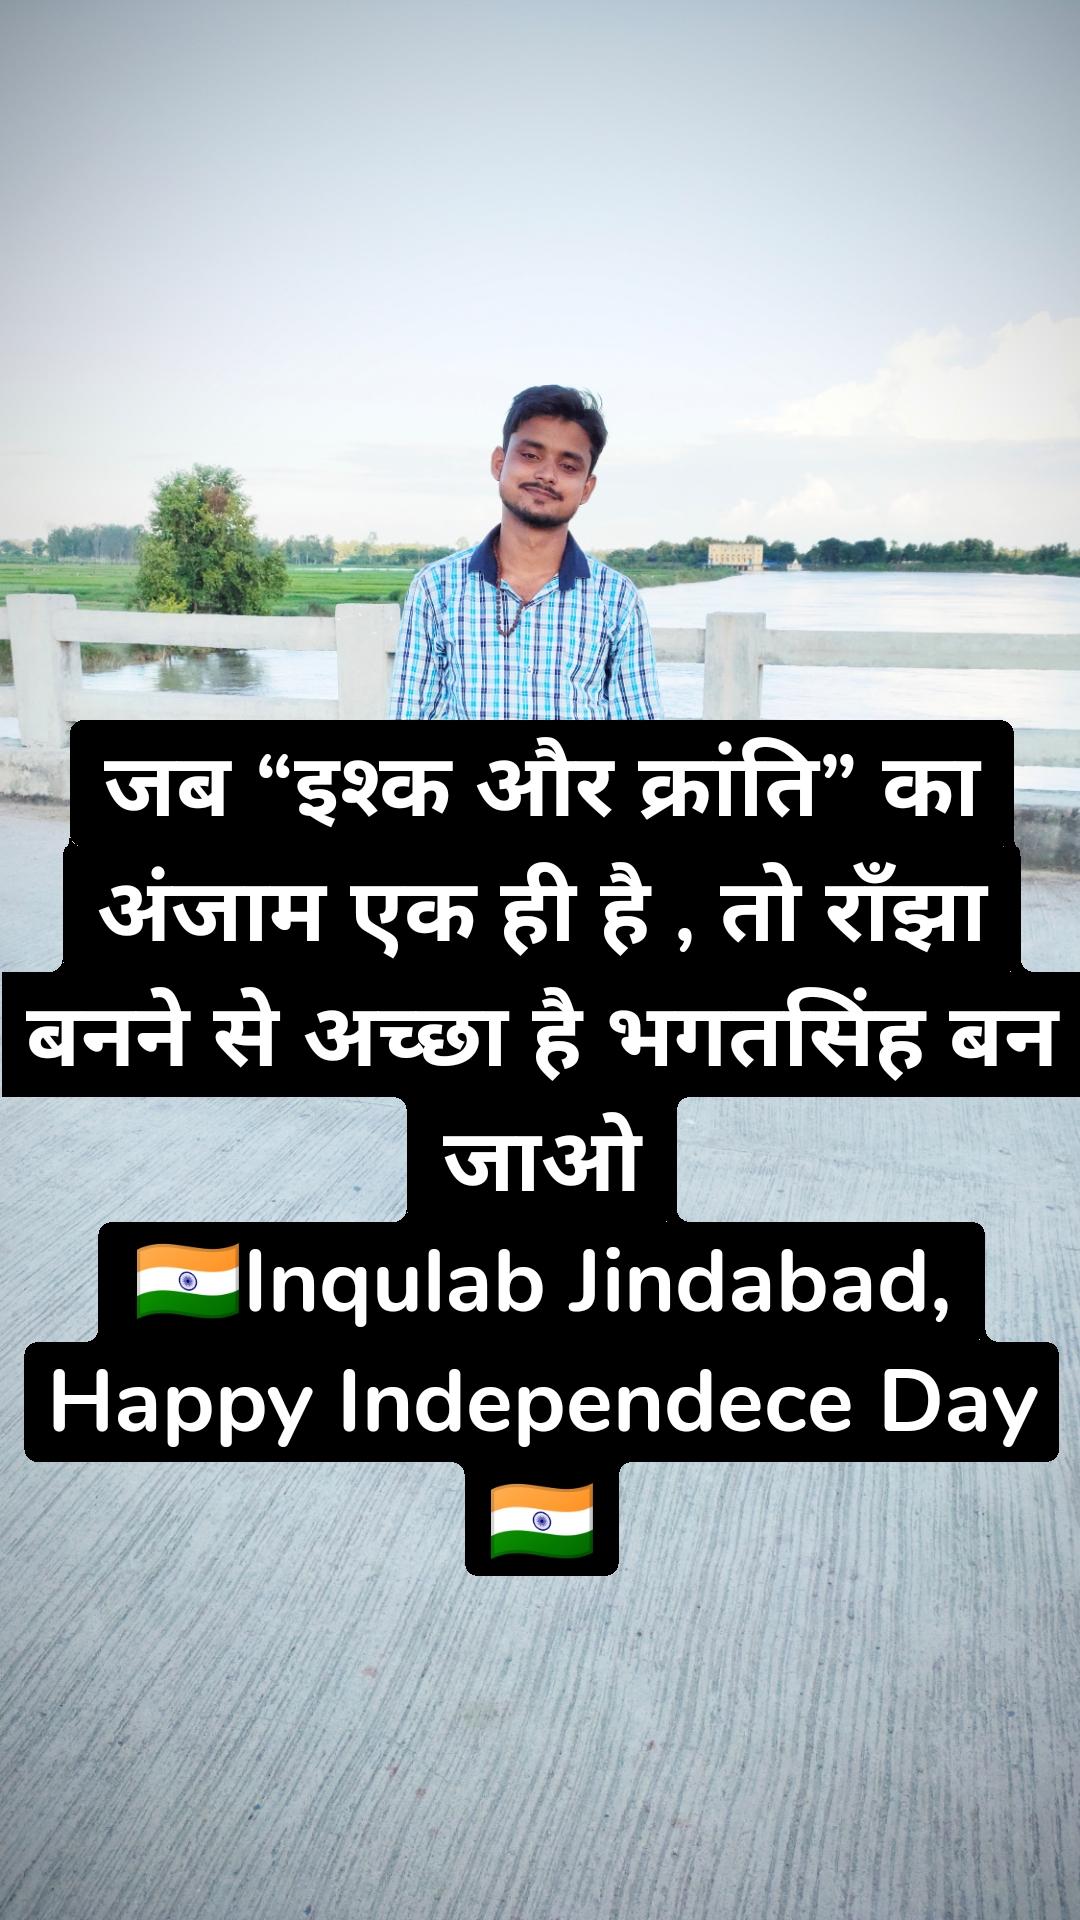 """जब """"इश्क और क्रांति"""" का अंजाम एक ही है , तो राँझा बनने से अच्छा है भगतसिंह बन जाओ 🇮🇳Inqulab Jindabad, Happy Independece Day🇮🇳"""